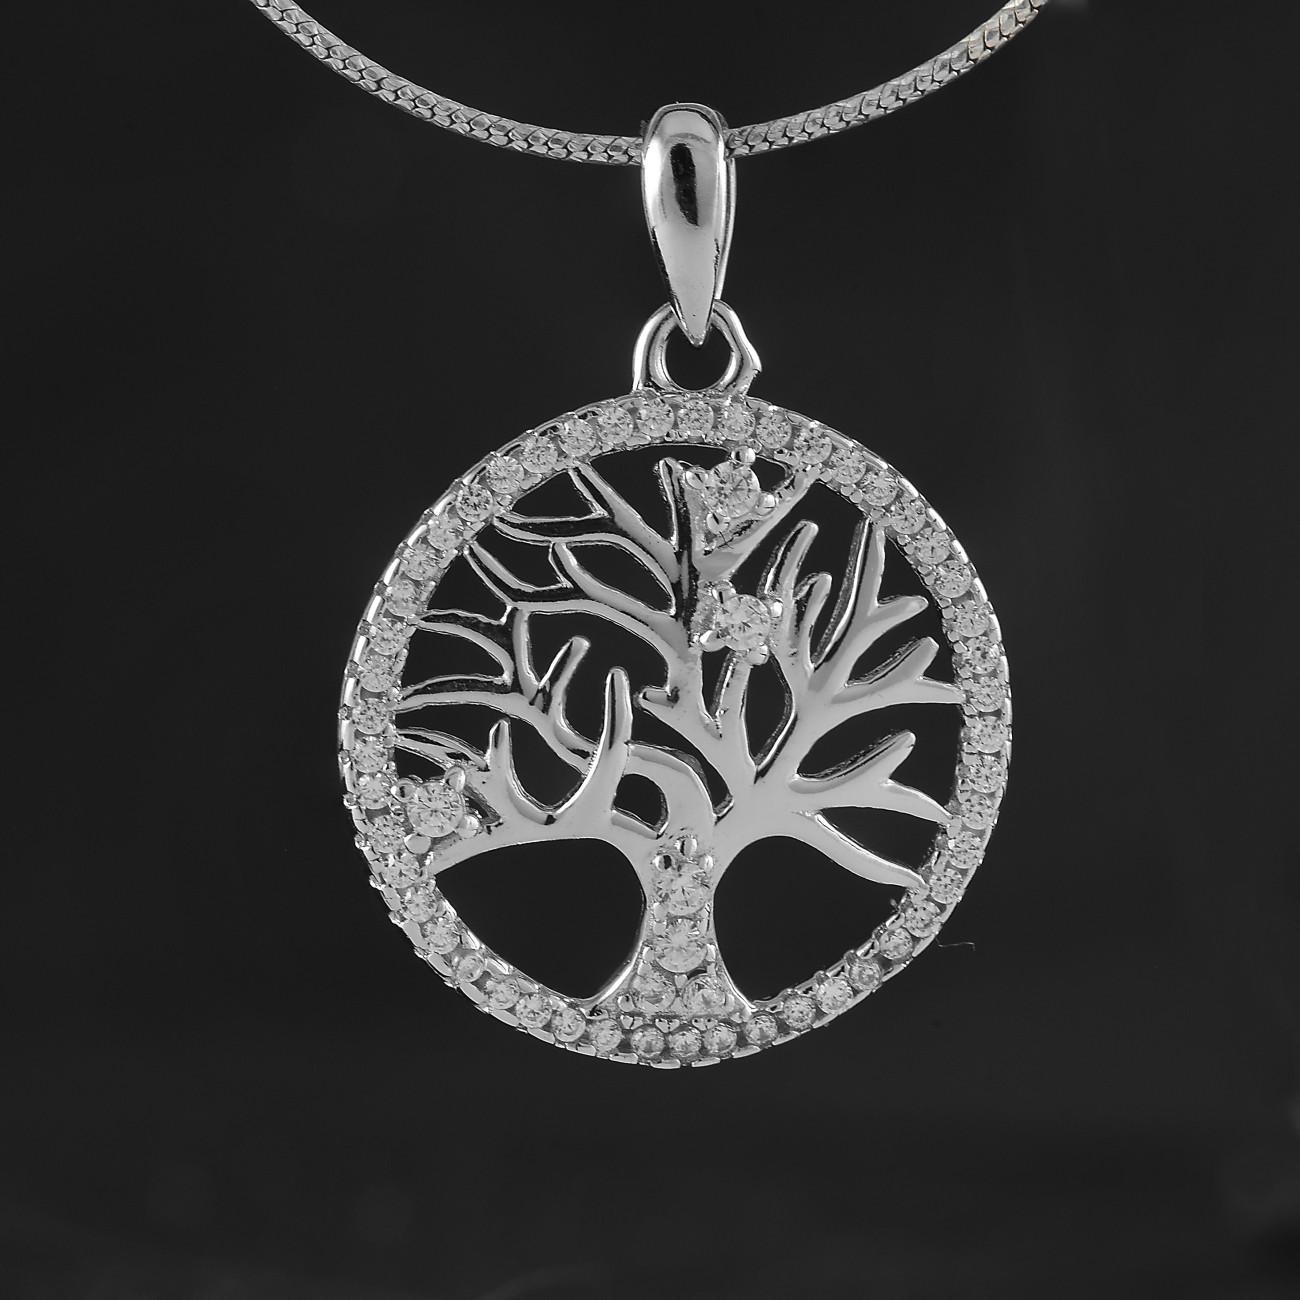 Přívěsek strom života z pravého stříbra se třpytivými zirkony